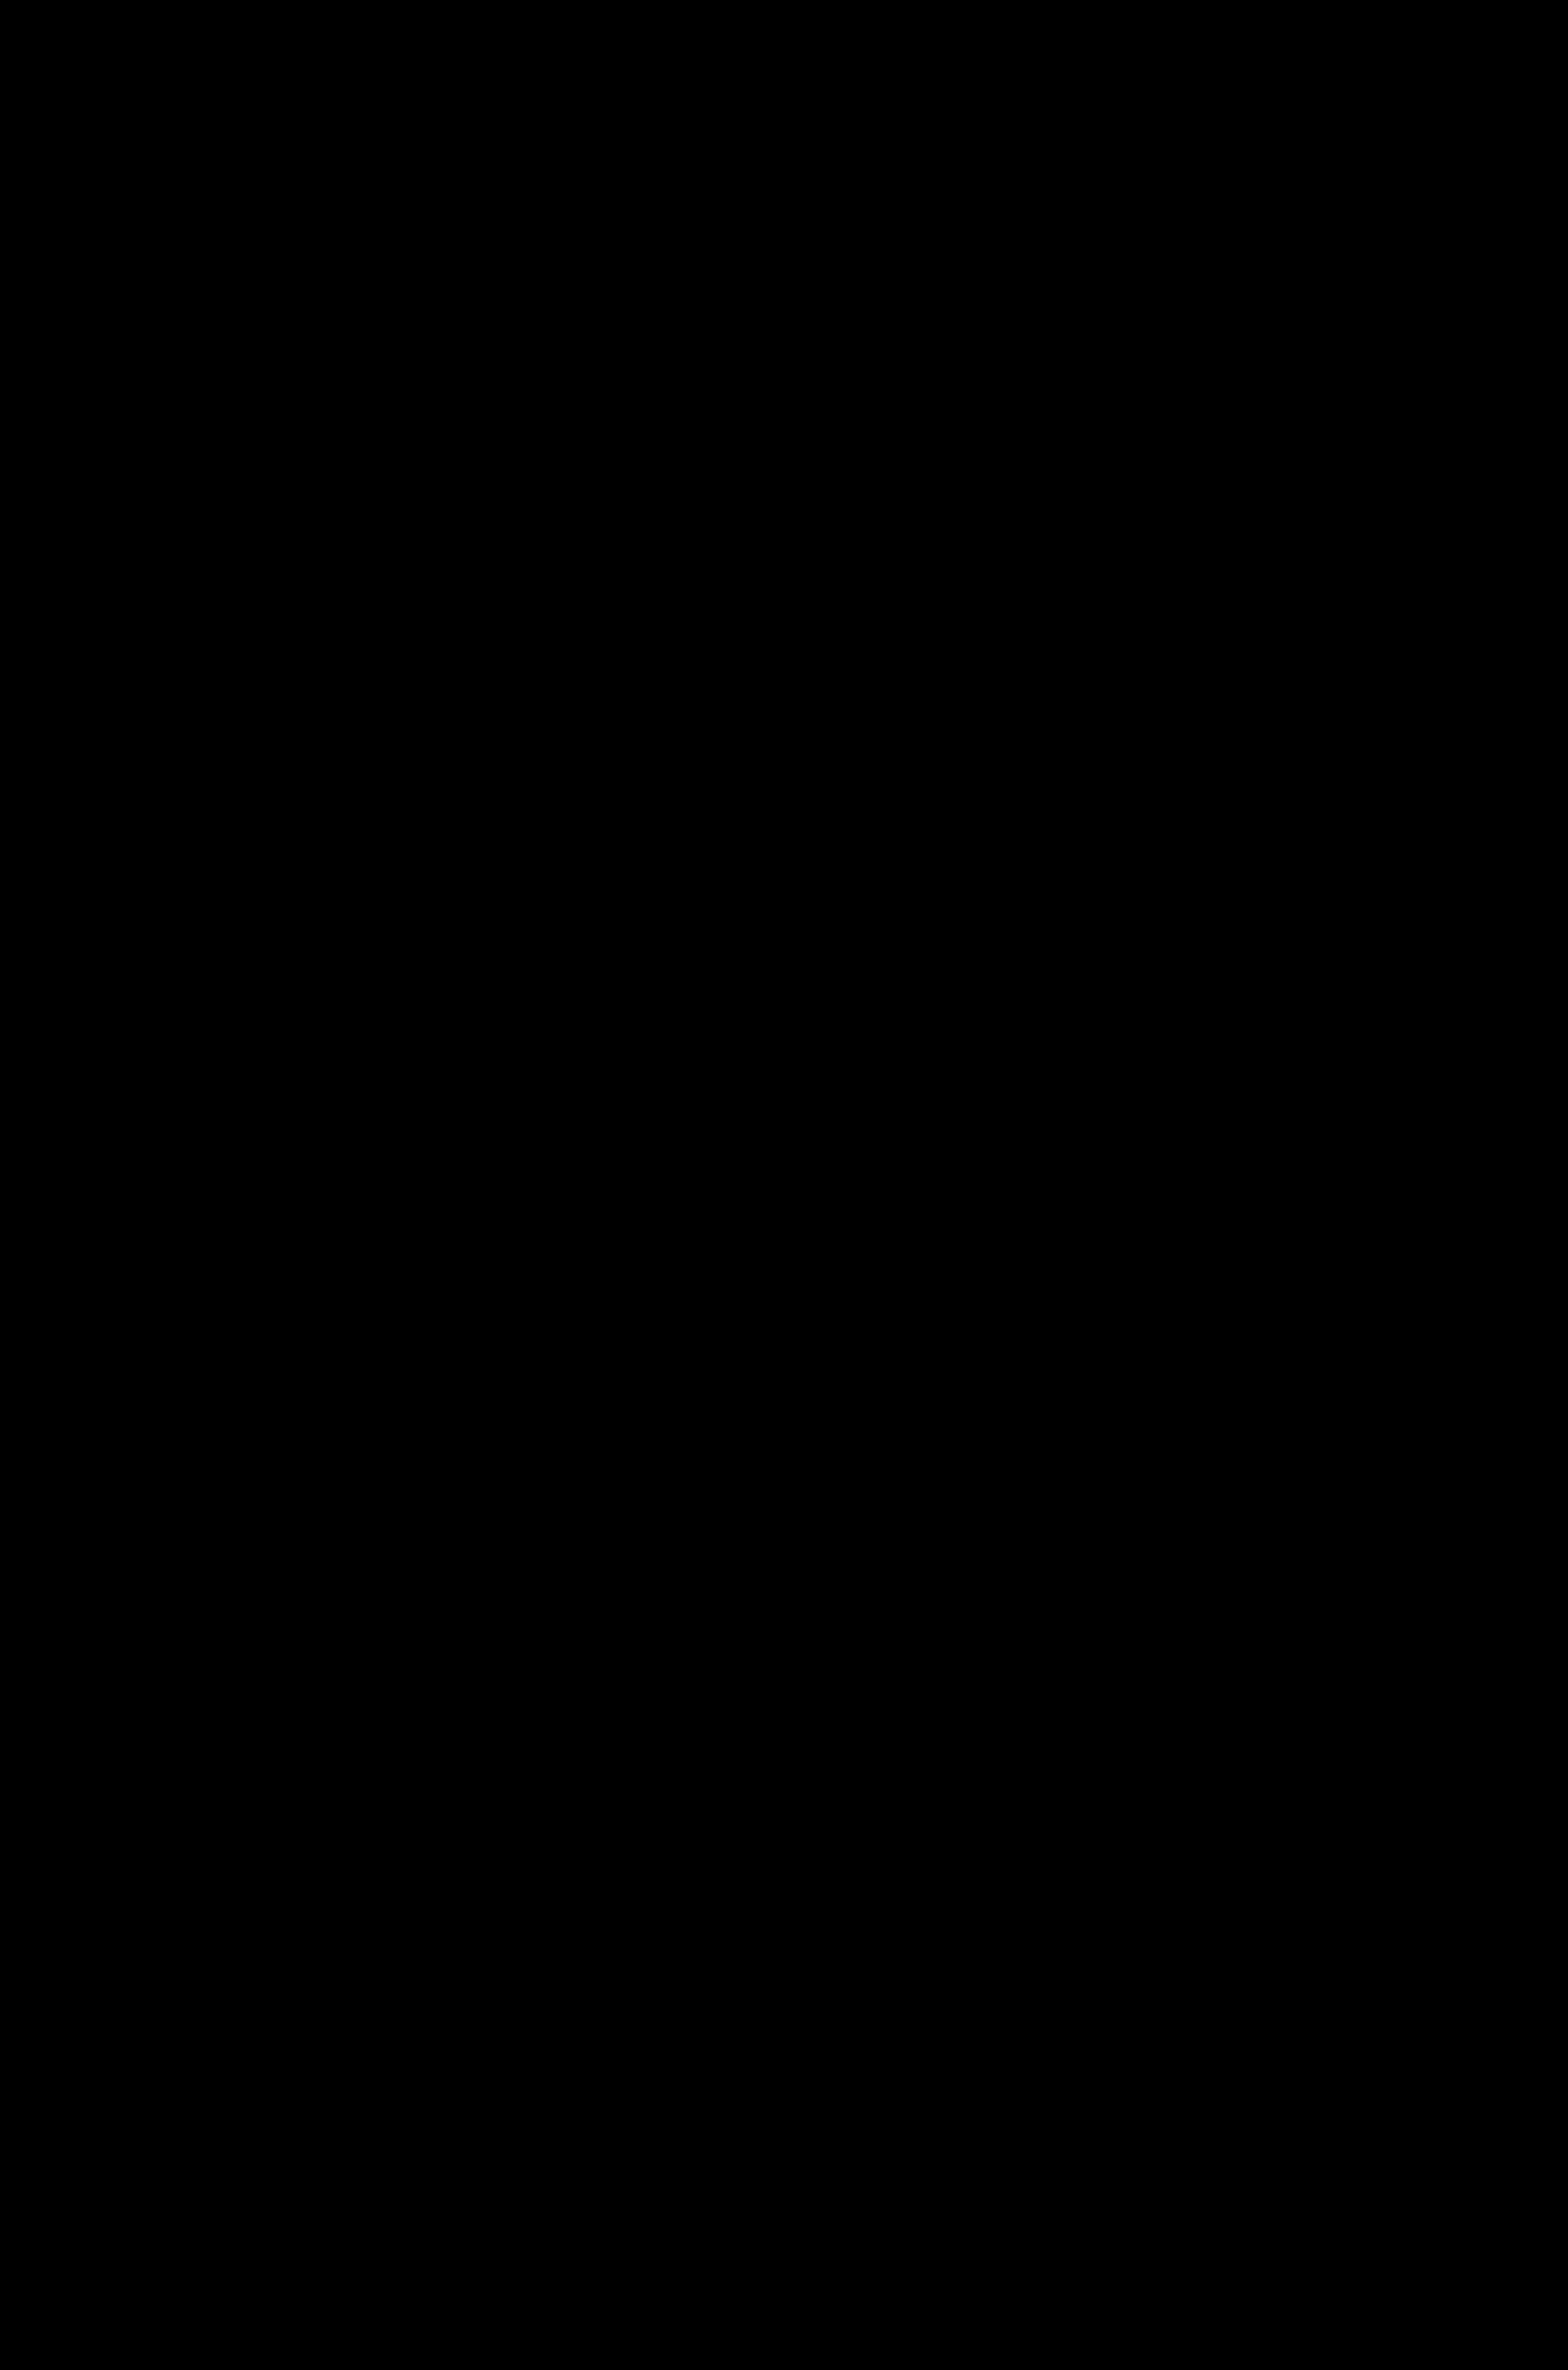 De Redelijkheid van de Klassieke Retorica